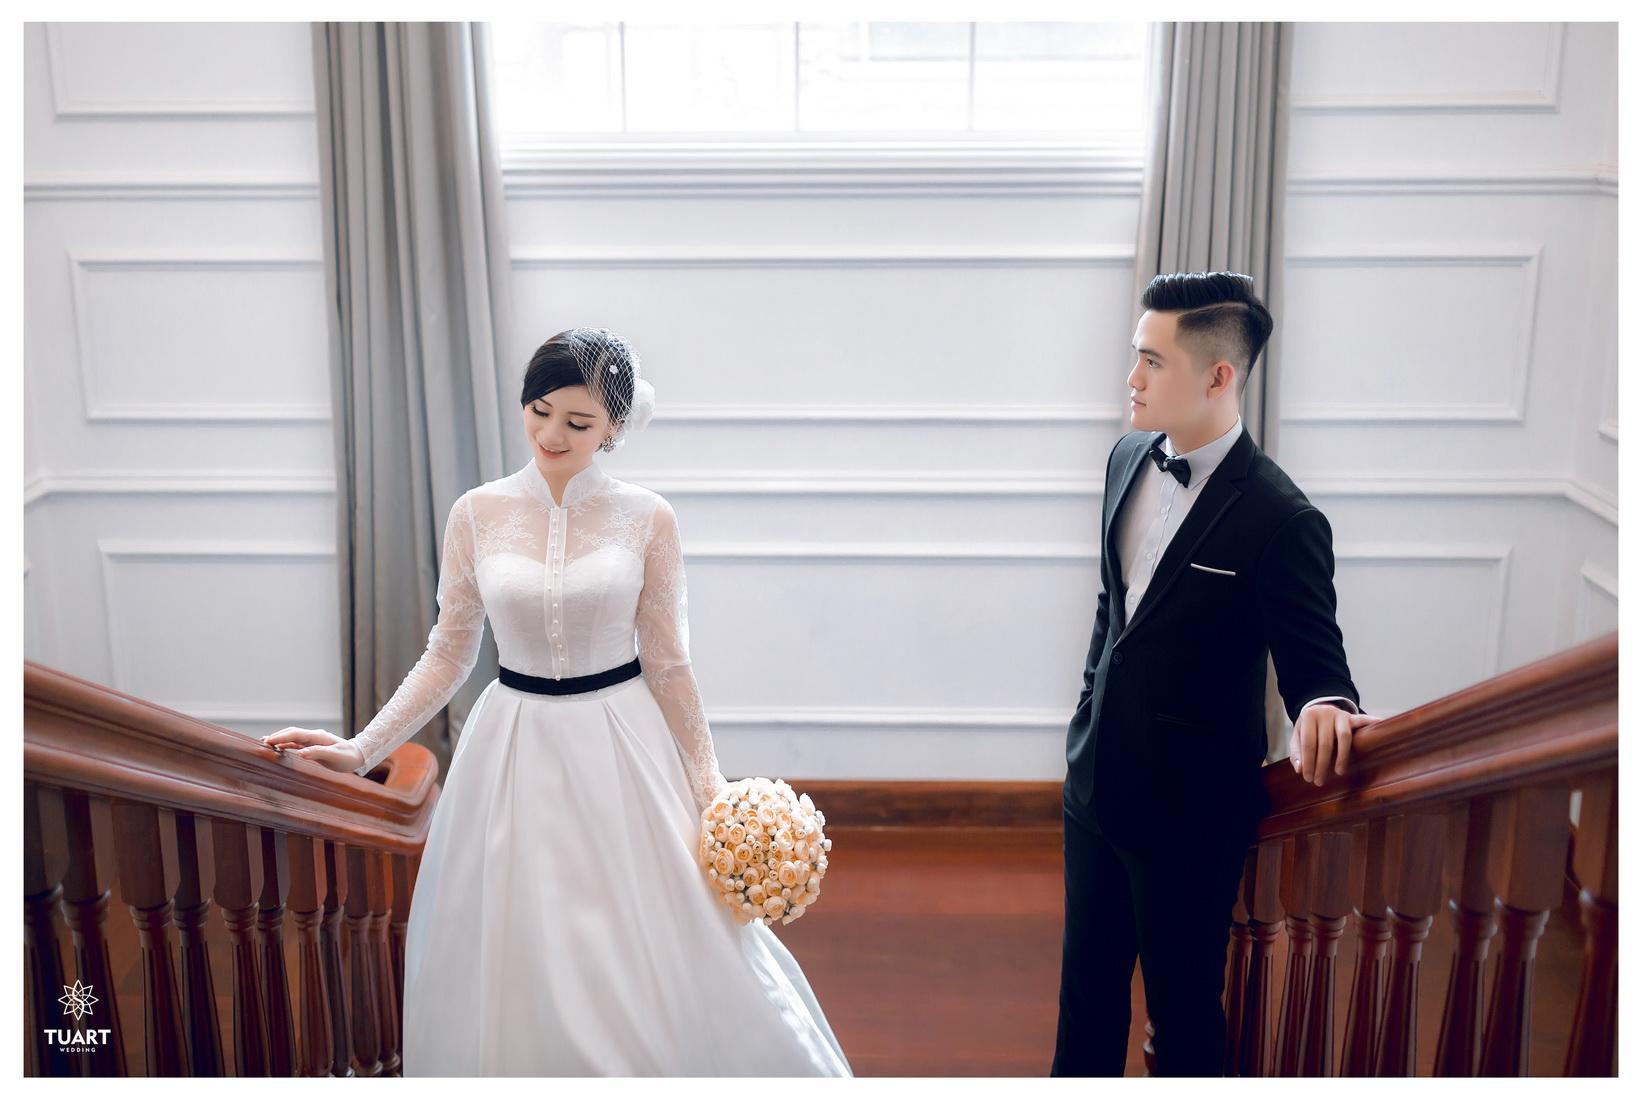 Album chụp ảnh cưới tại Biệt Thự Hoa Hồng : Tùng-Hường 4